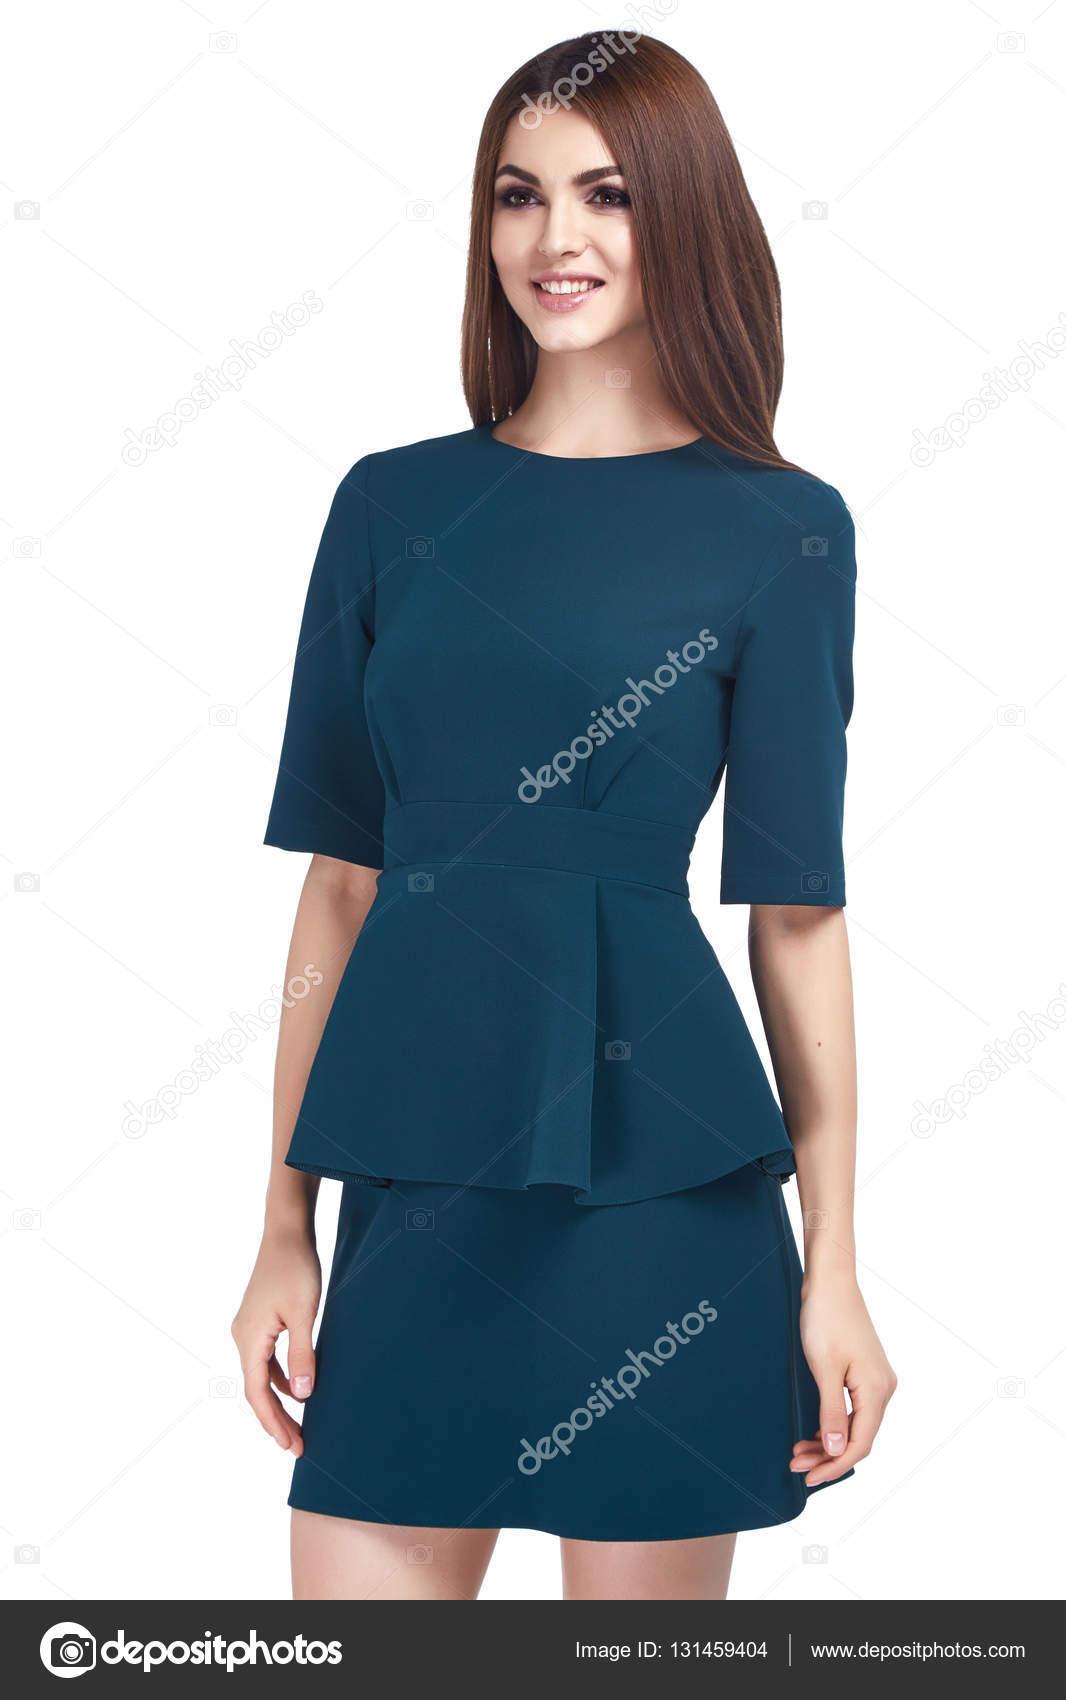 Schönheit Frau Modell tragen stilvolles Design Trend Kleidung blau ...